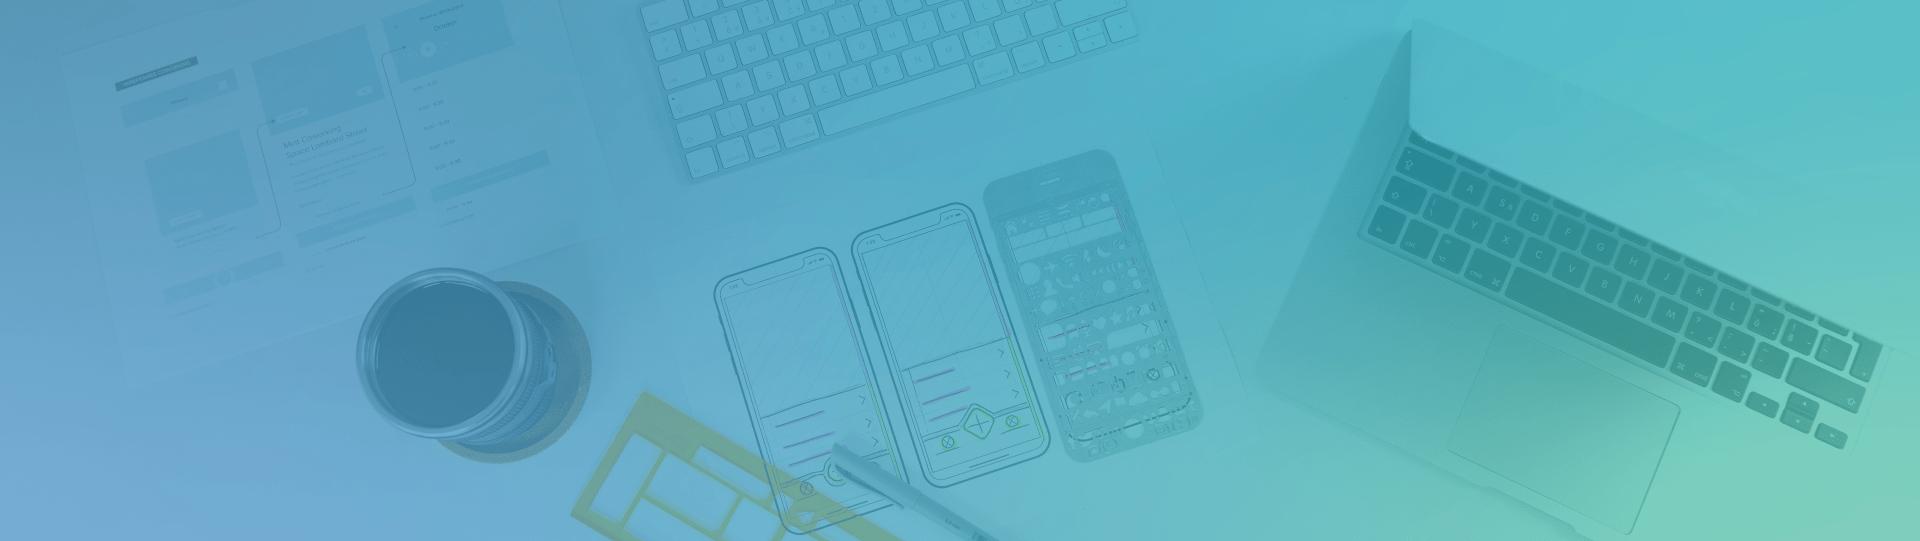 Mitä UX- ja UI-suunnittelu tarkoittavat?